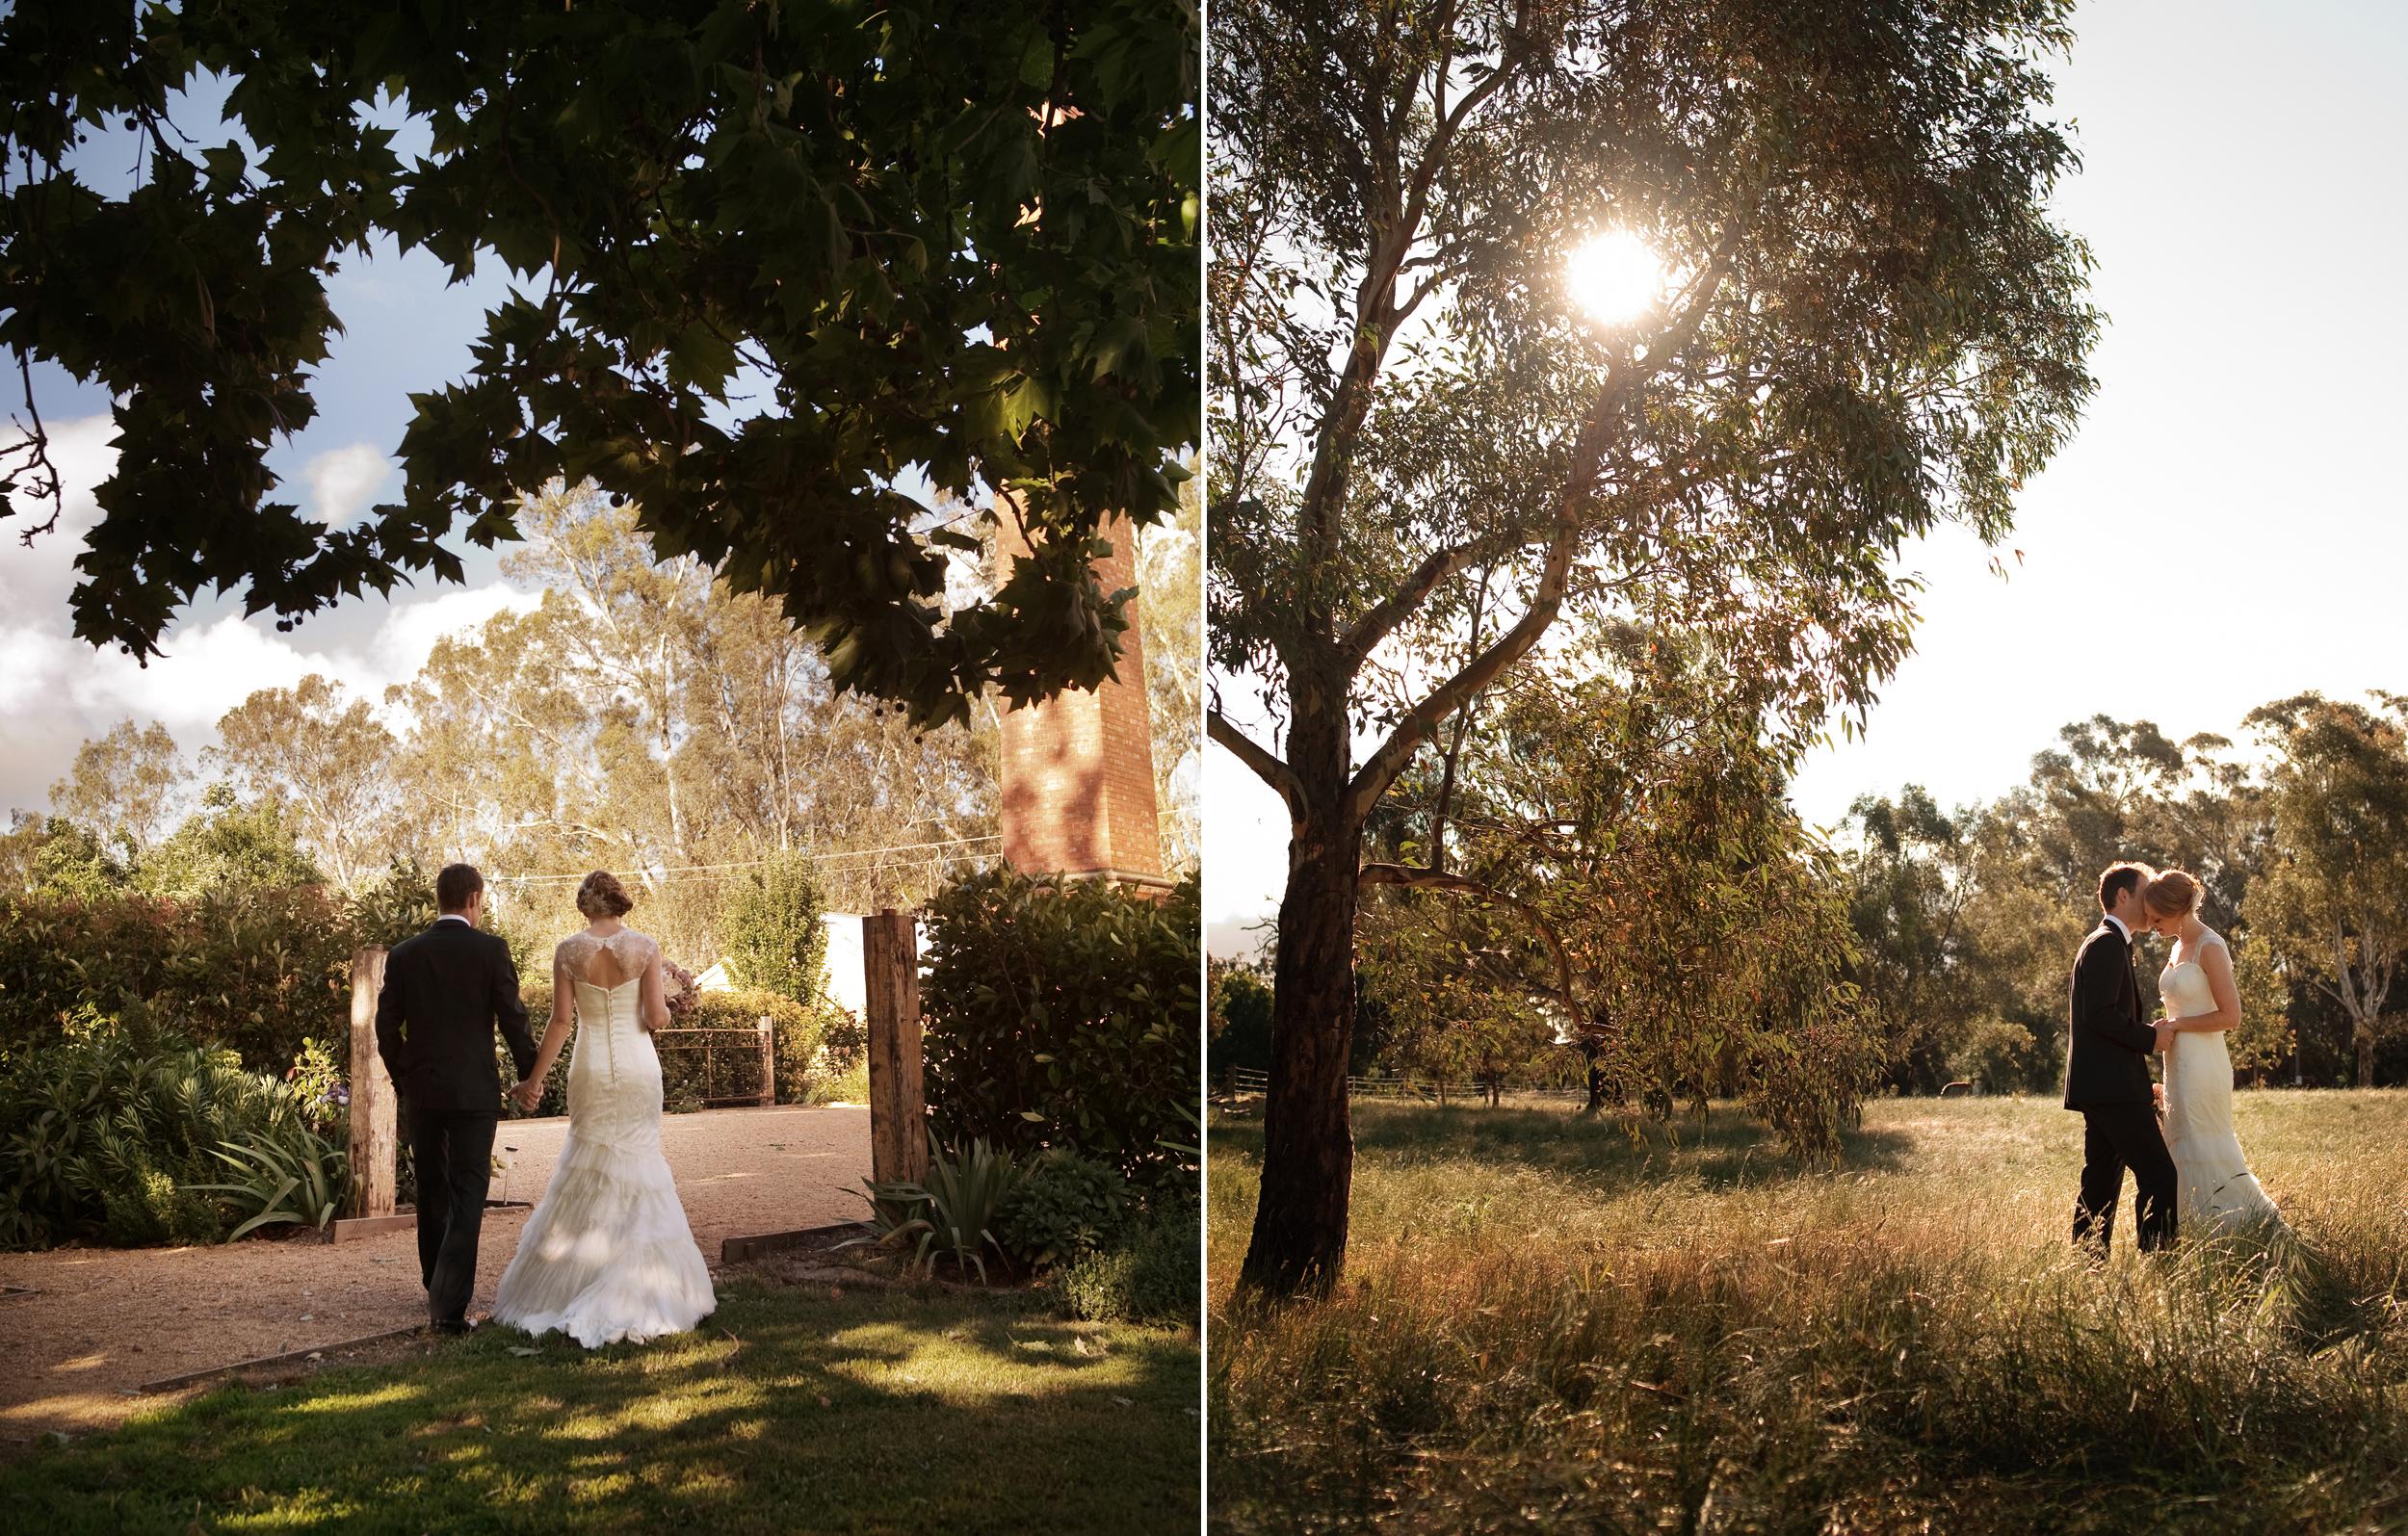 euroa_butter_factory_wedding_photography_80.jpg